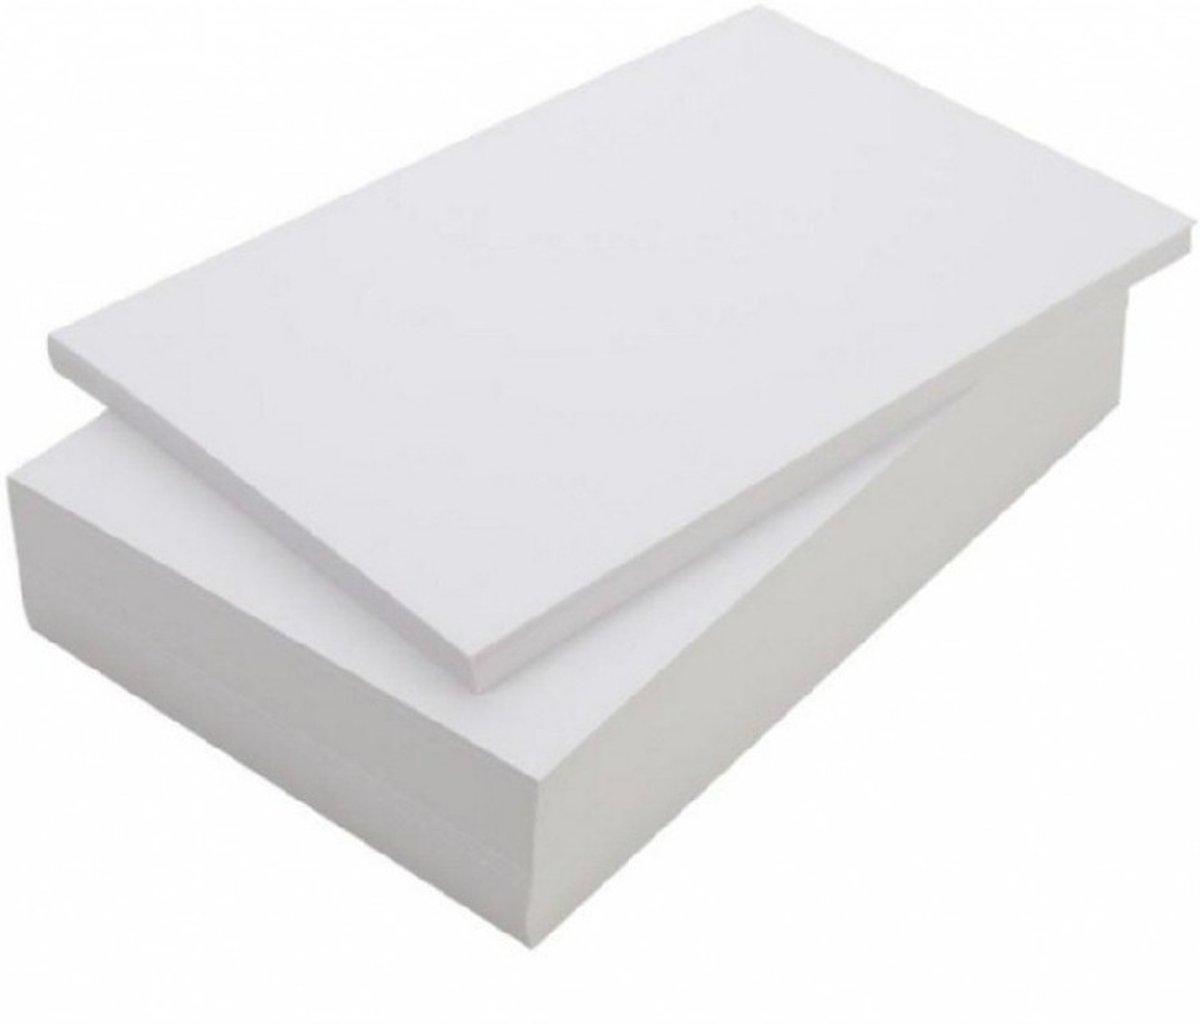 Print / kopieerpapier A4 2000 vellen - blanco printpapier kopen